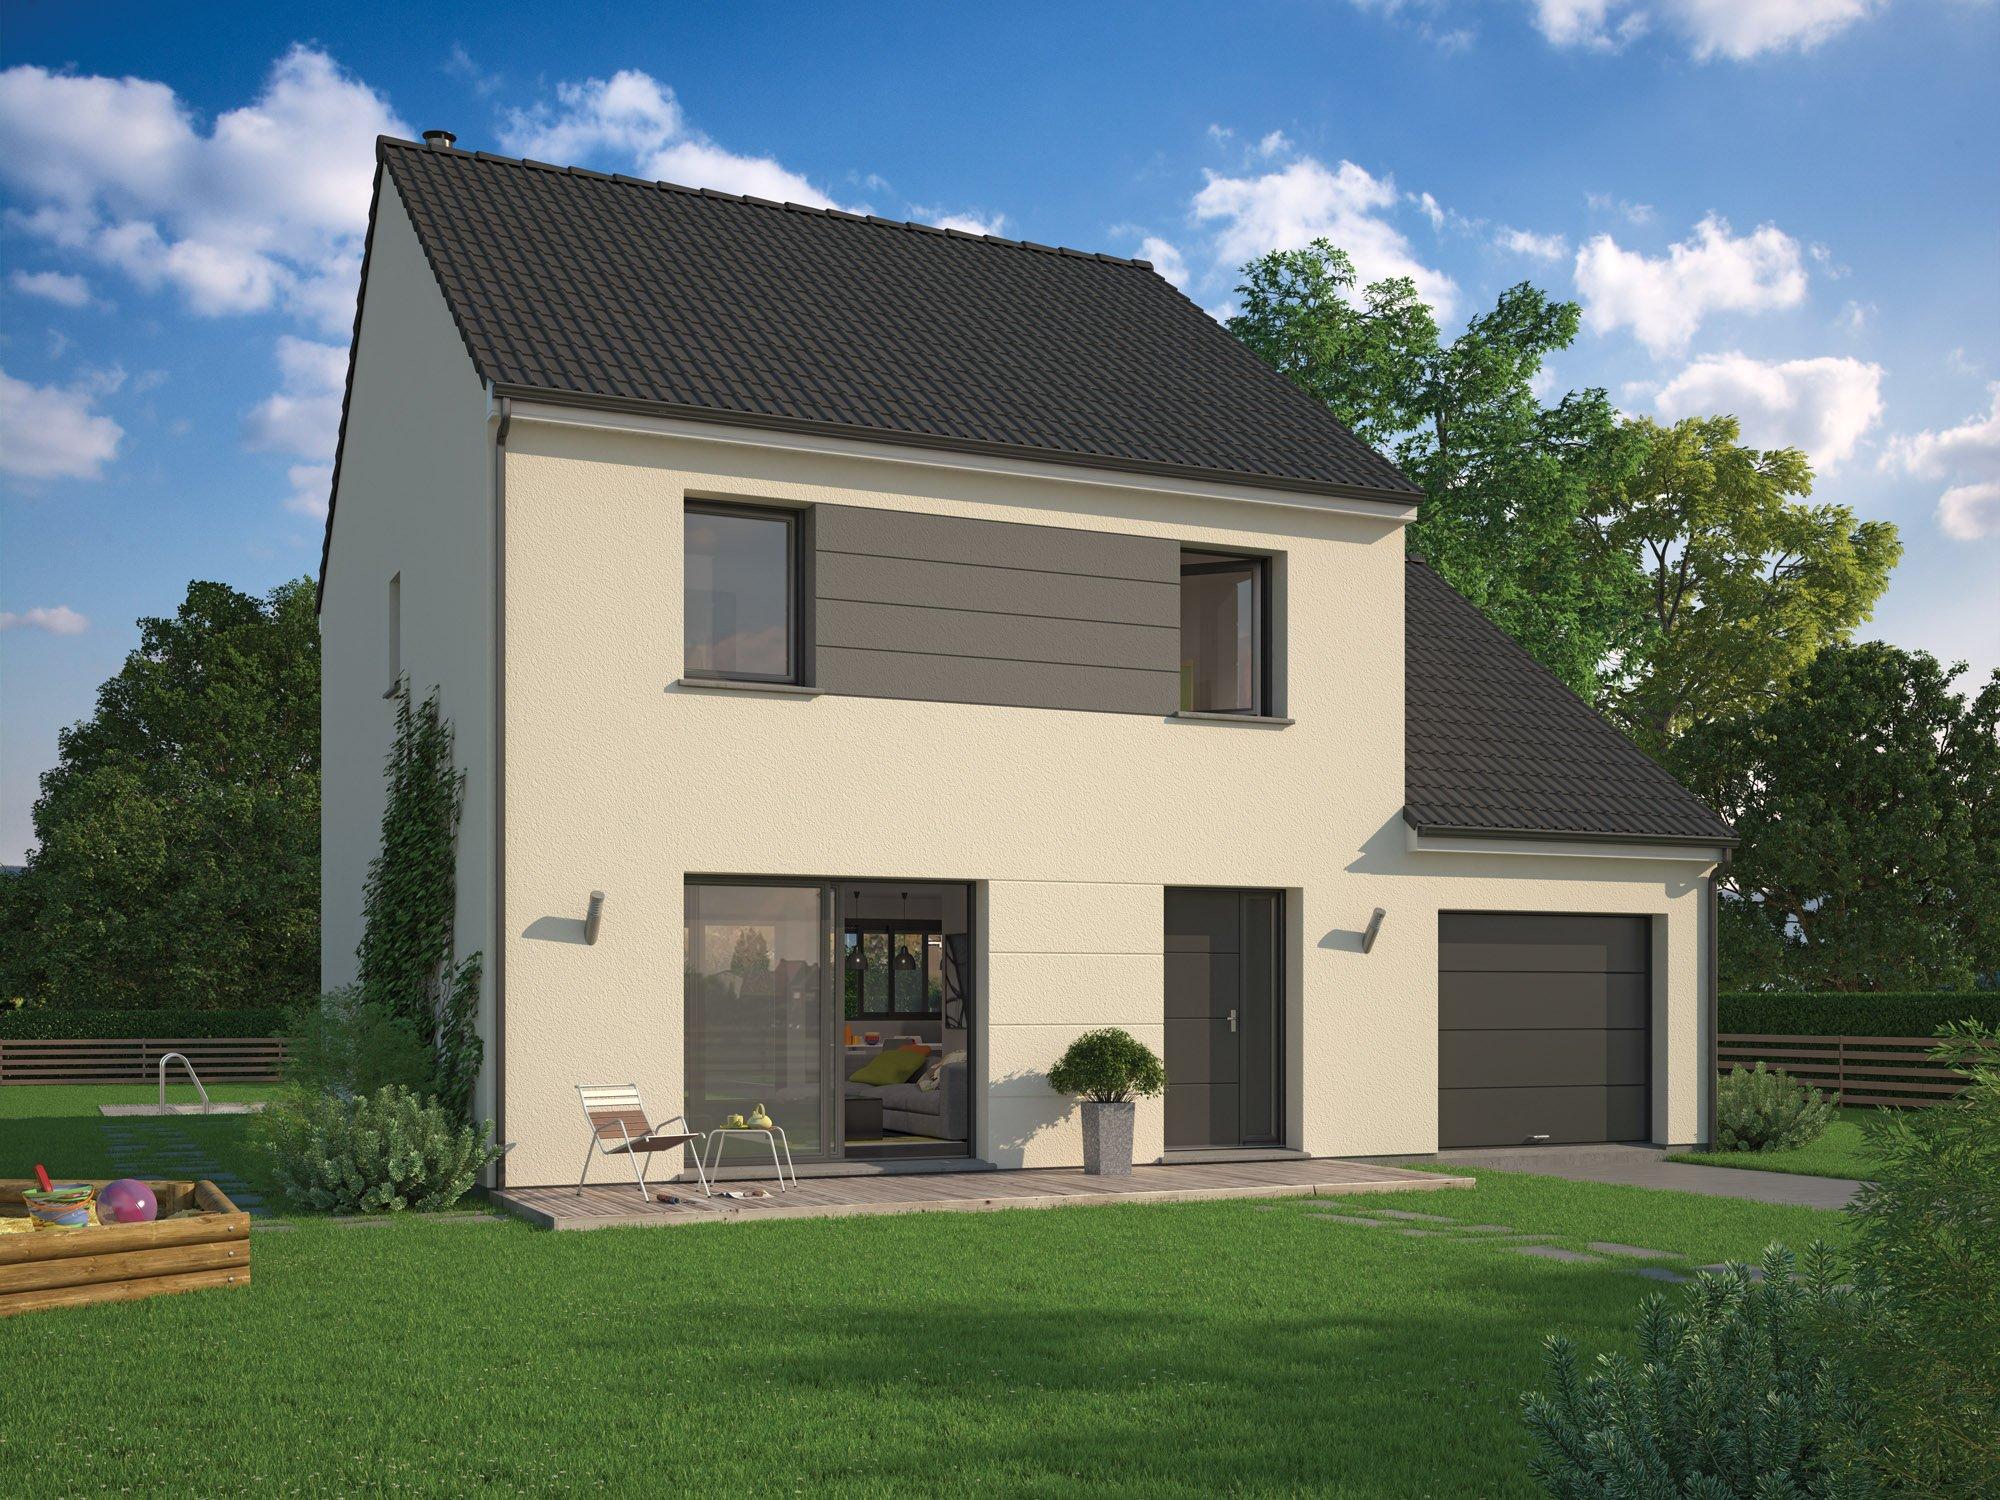 Maisons + Terrains du constructeur MAISON FAMILIALE • 85 m² • ARGENTEUIL